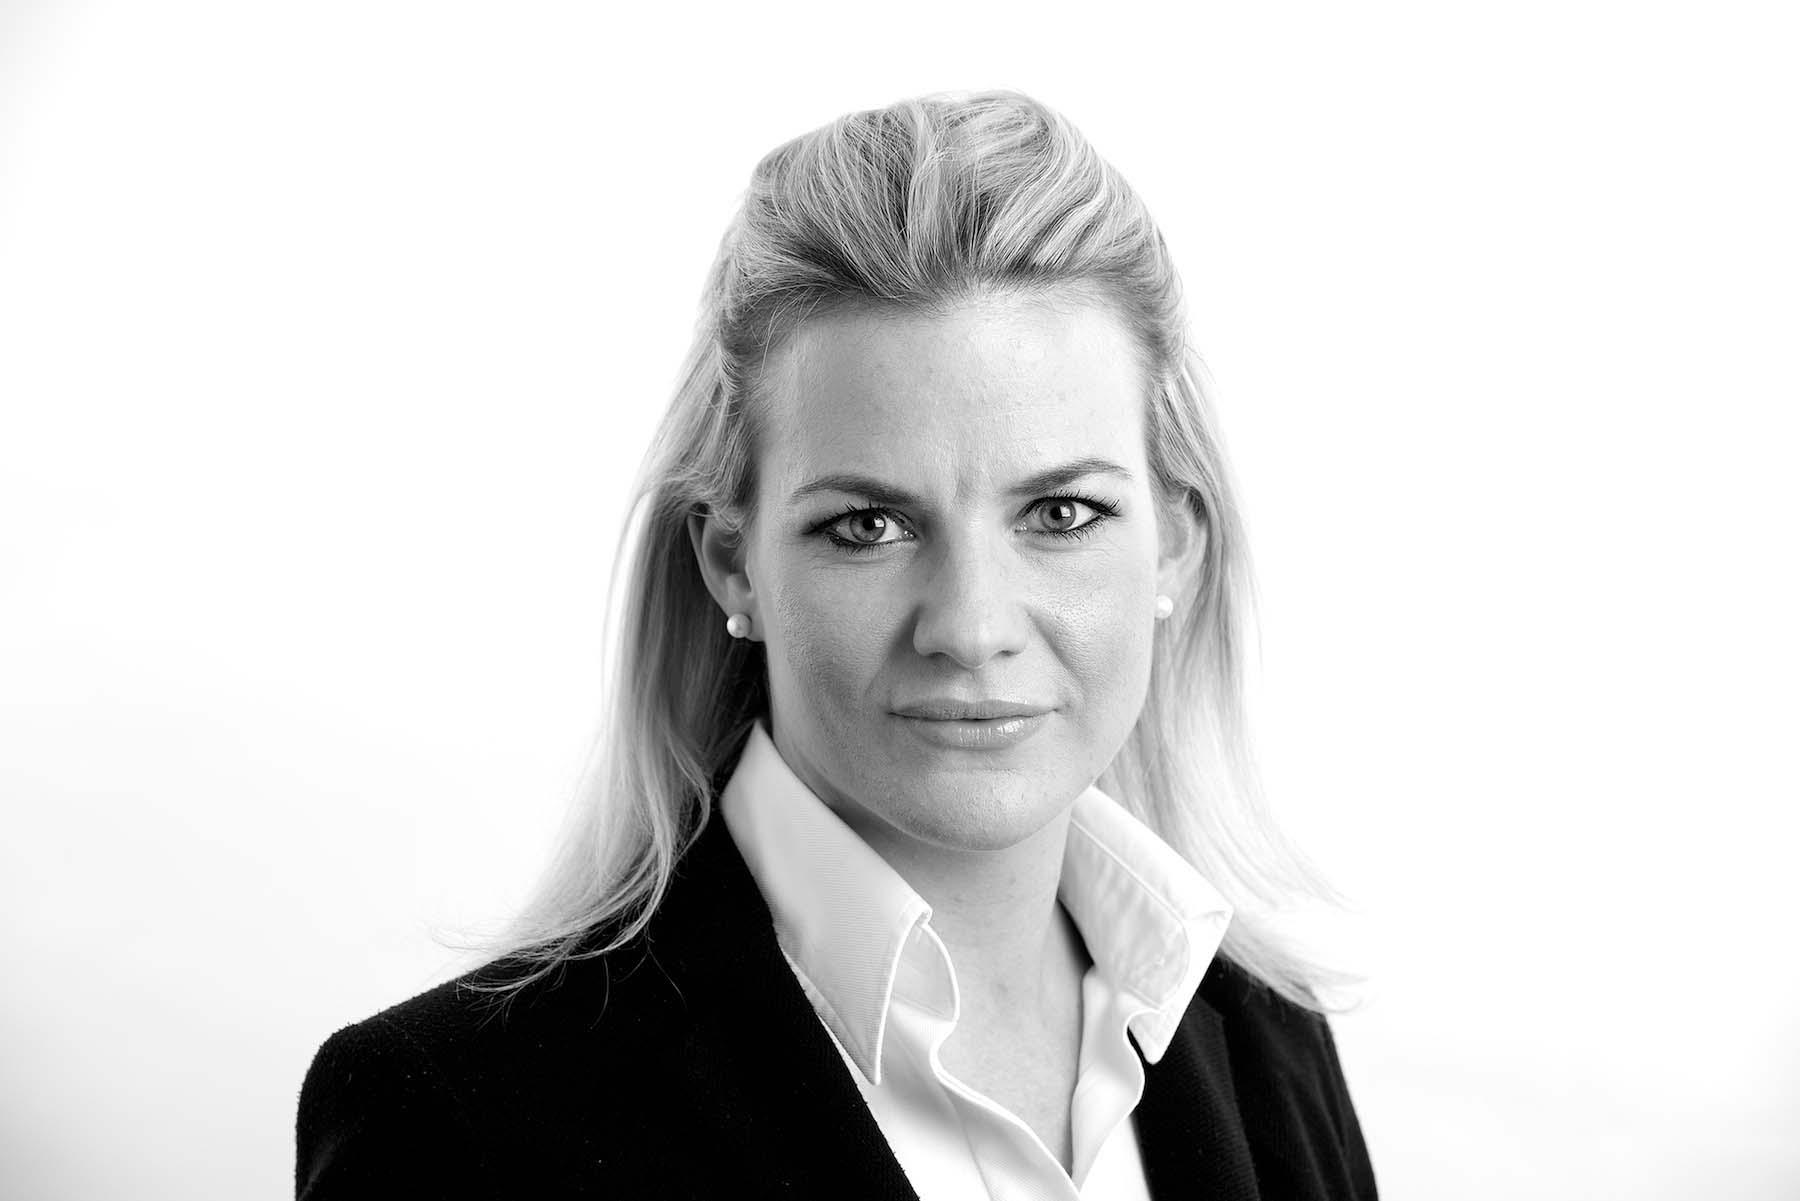 Louisa Ferrari